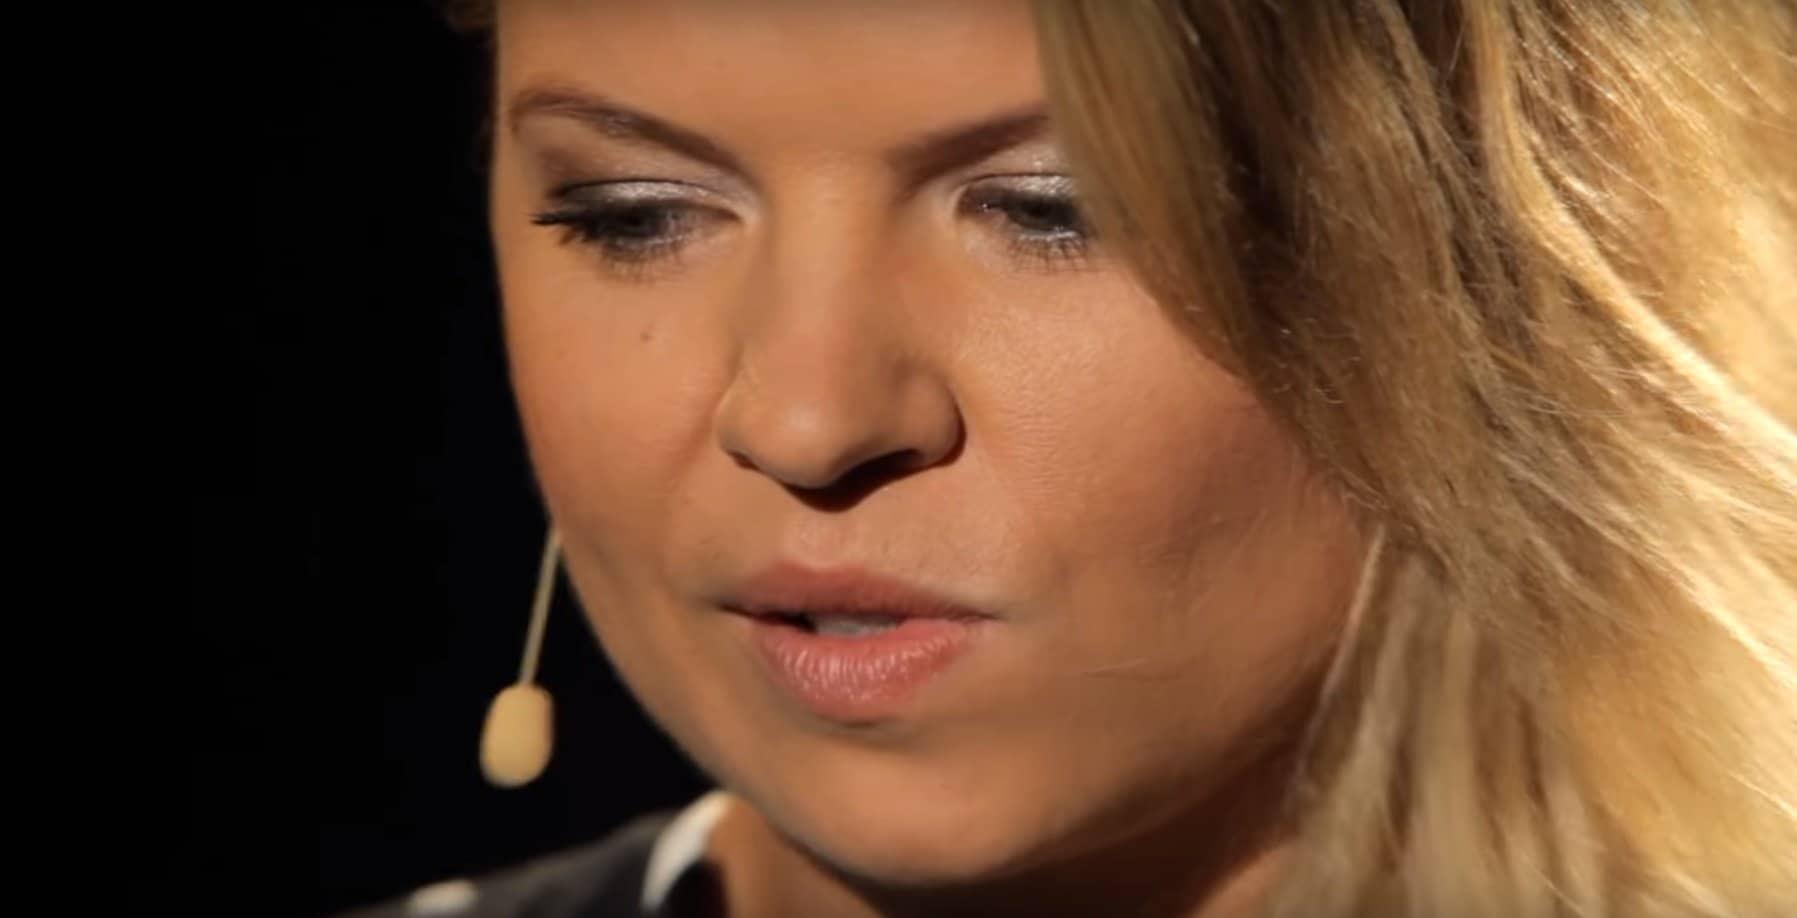 Marta Manowska, prowadząca Rolnik szuka żony i Sanatorium miłości ma nie jeden sekret, tym razem wyznała że nie je mięsa, kiedy przeszła na wegetarianizm?